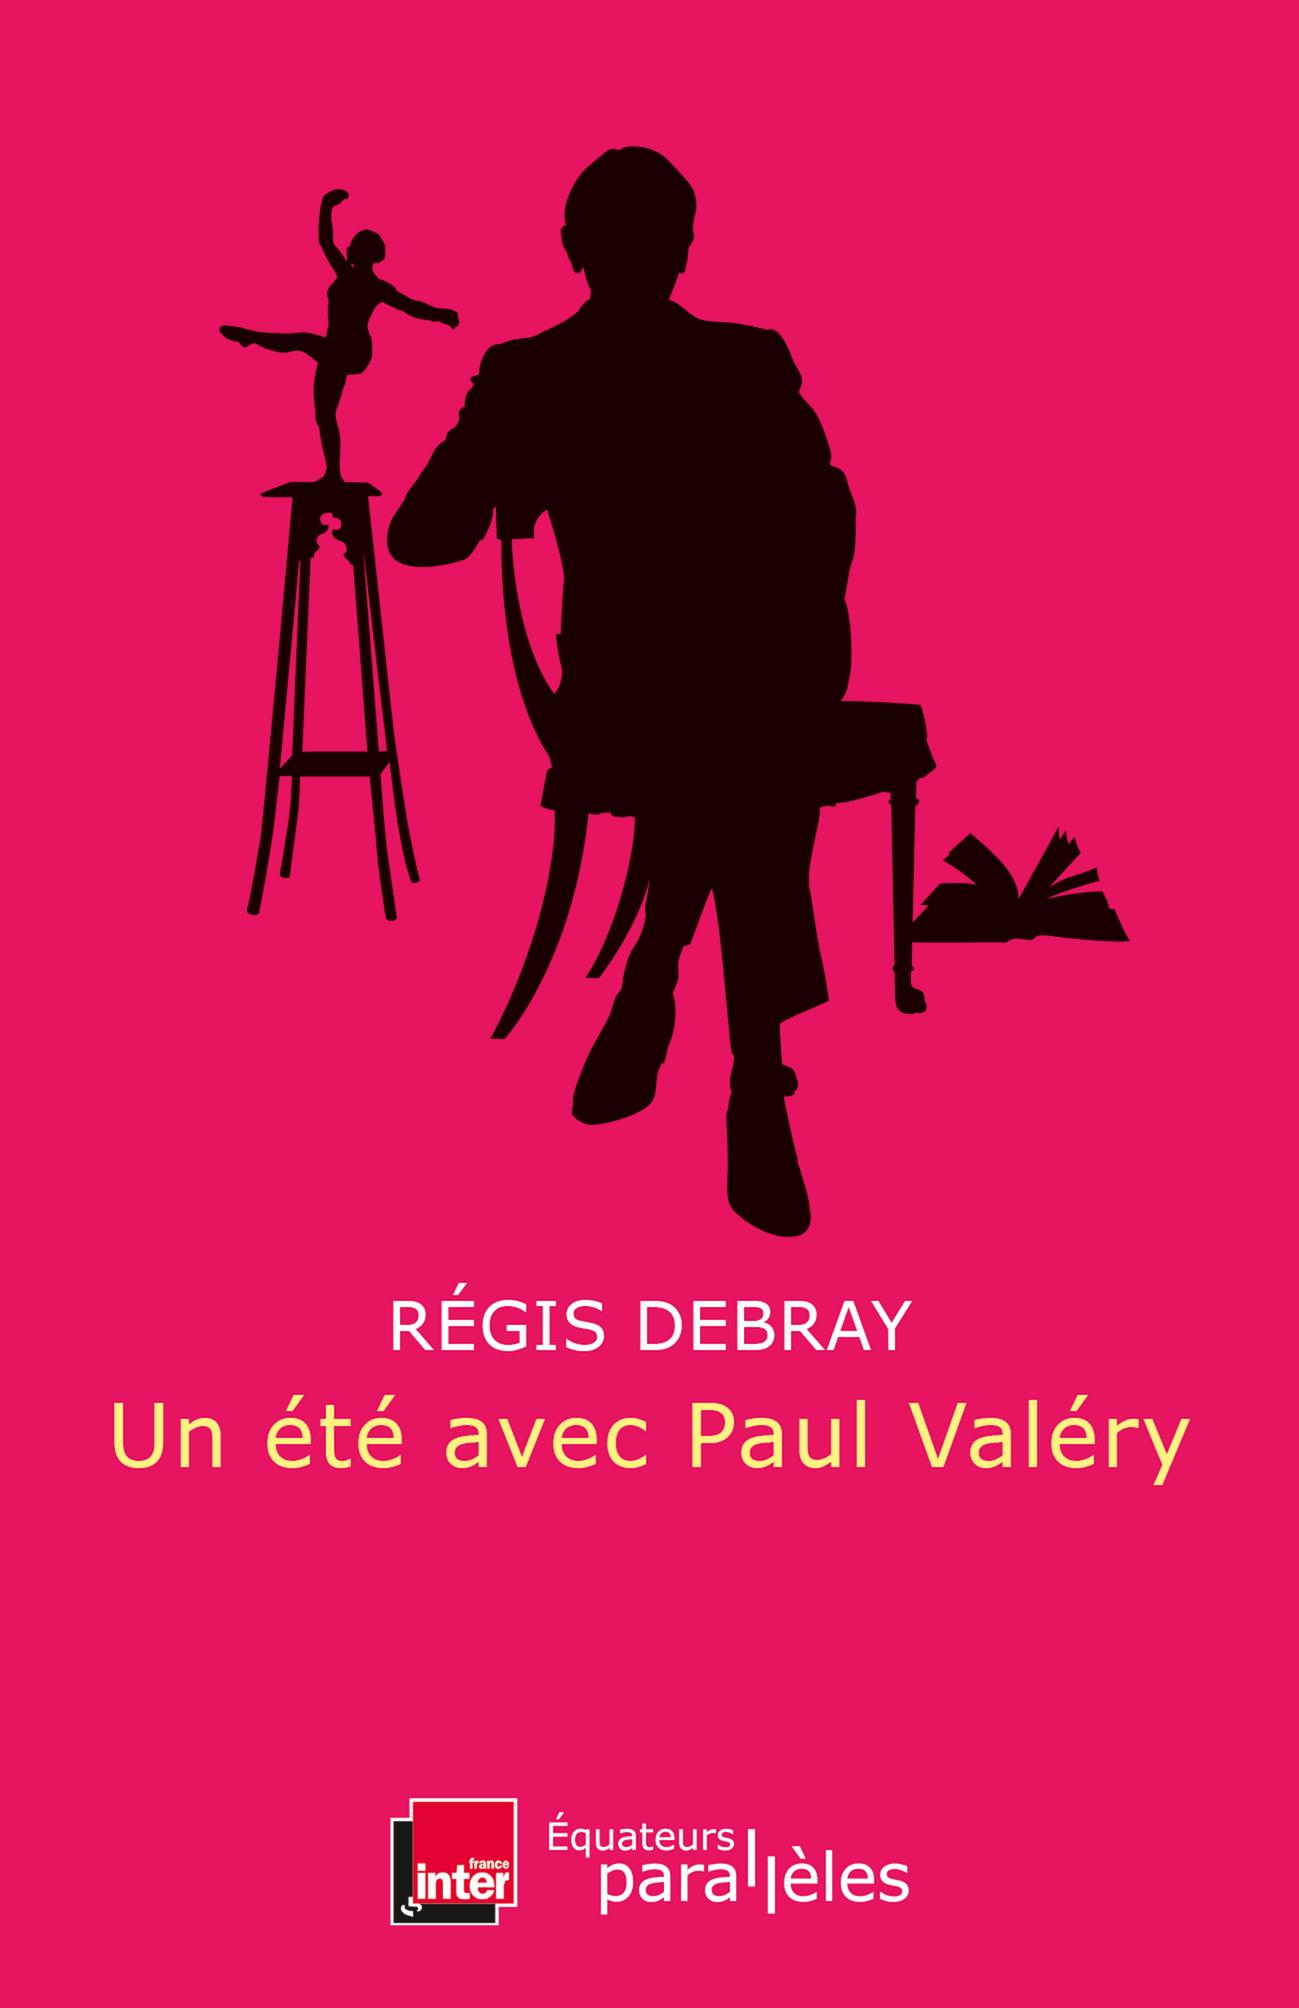 UN ETE AVEC PAUL VALERY